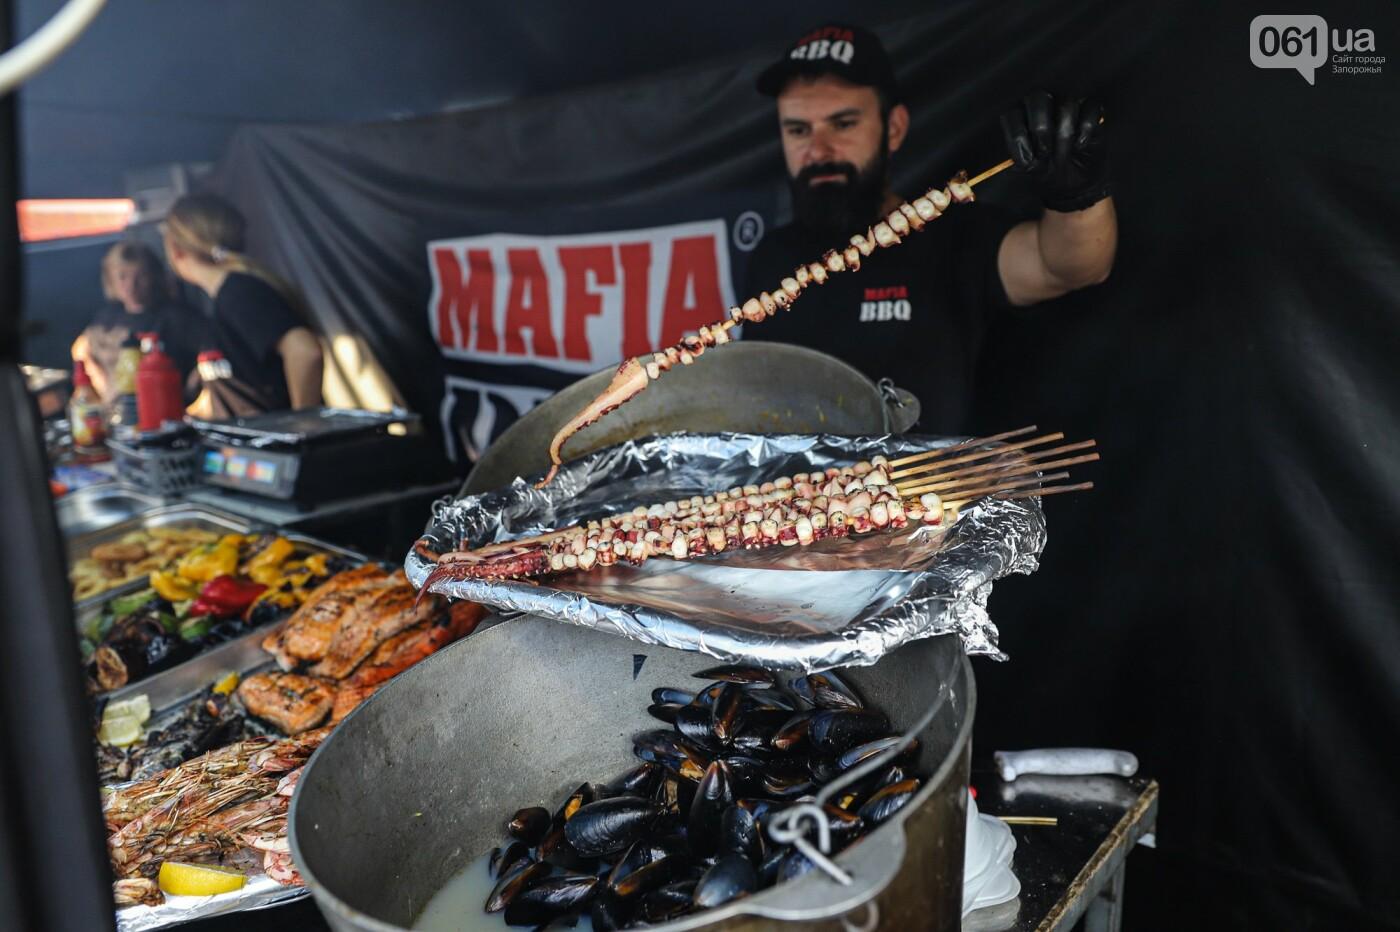 Бограч в хлебных горшочках и мясо из уникальной печи: что нового на фестивале уличной еды в Запорожье, - ФОТОРЕПОРТАЖ, фото-38